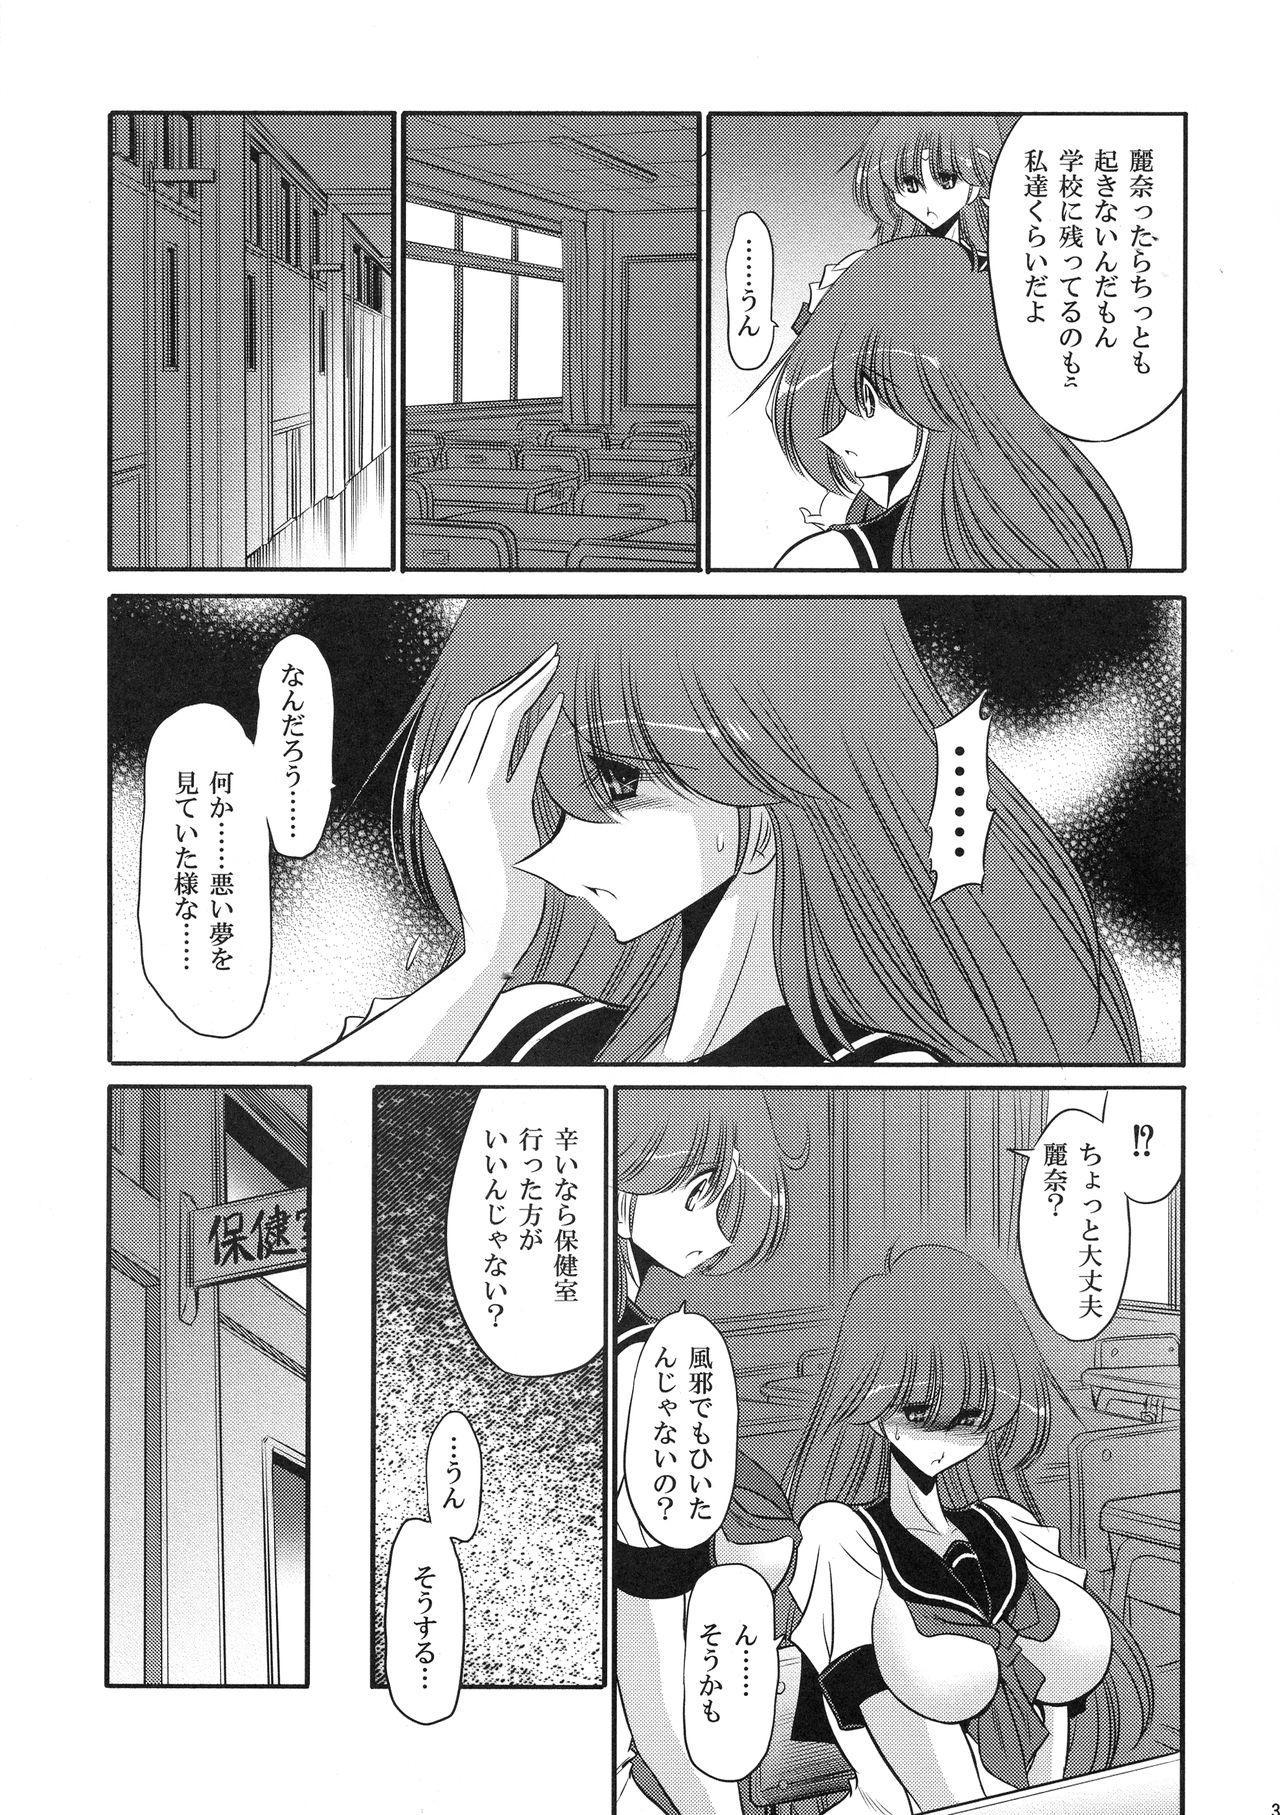 Cronos no Dai Gyakushuu 32